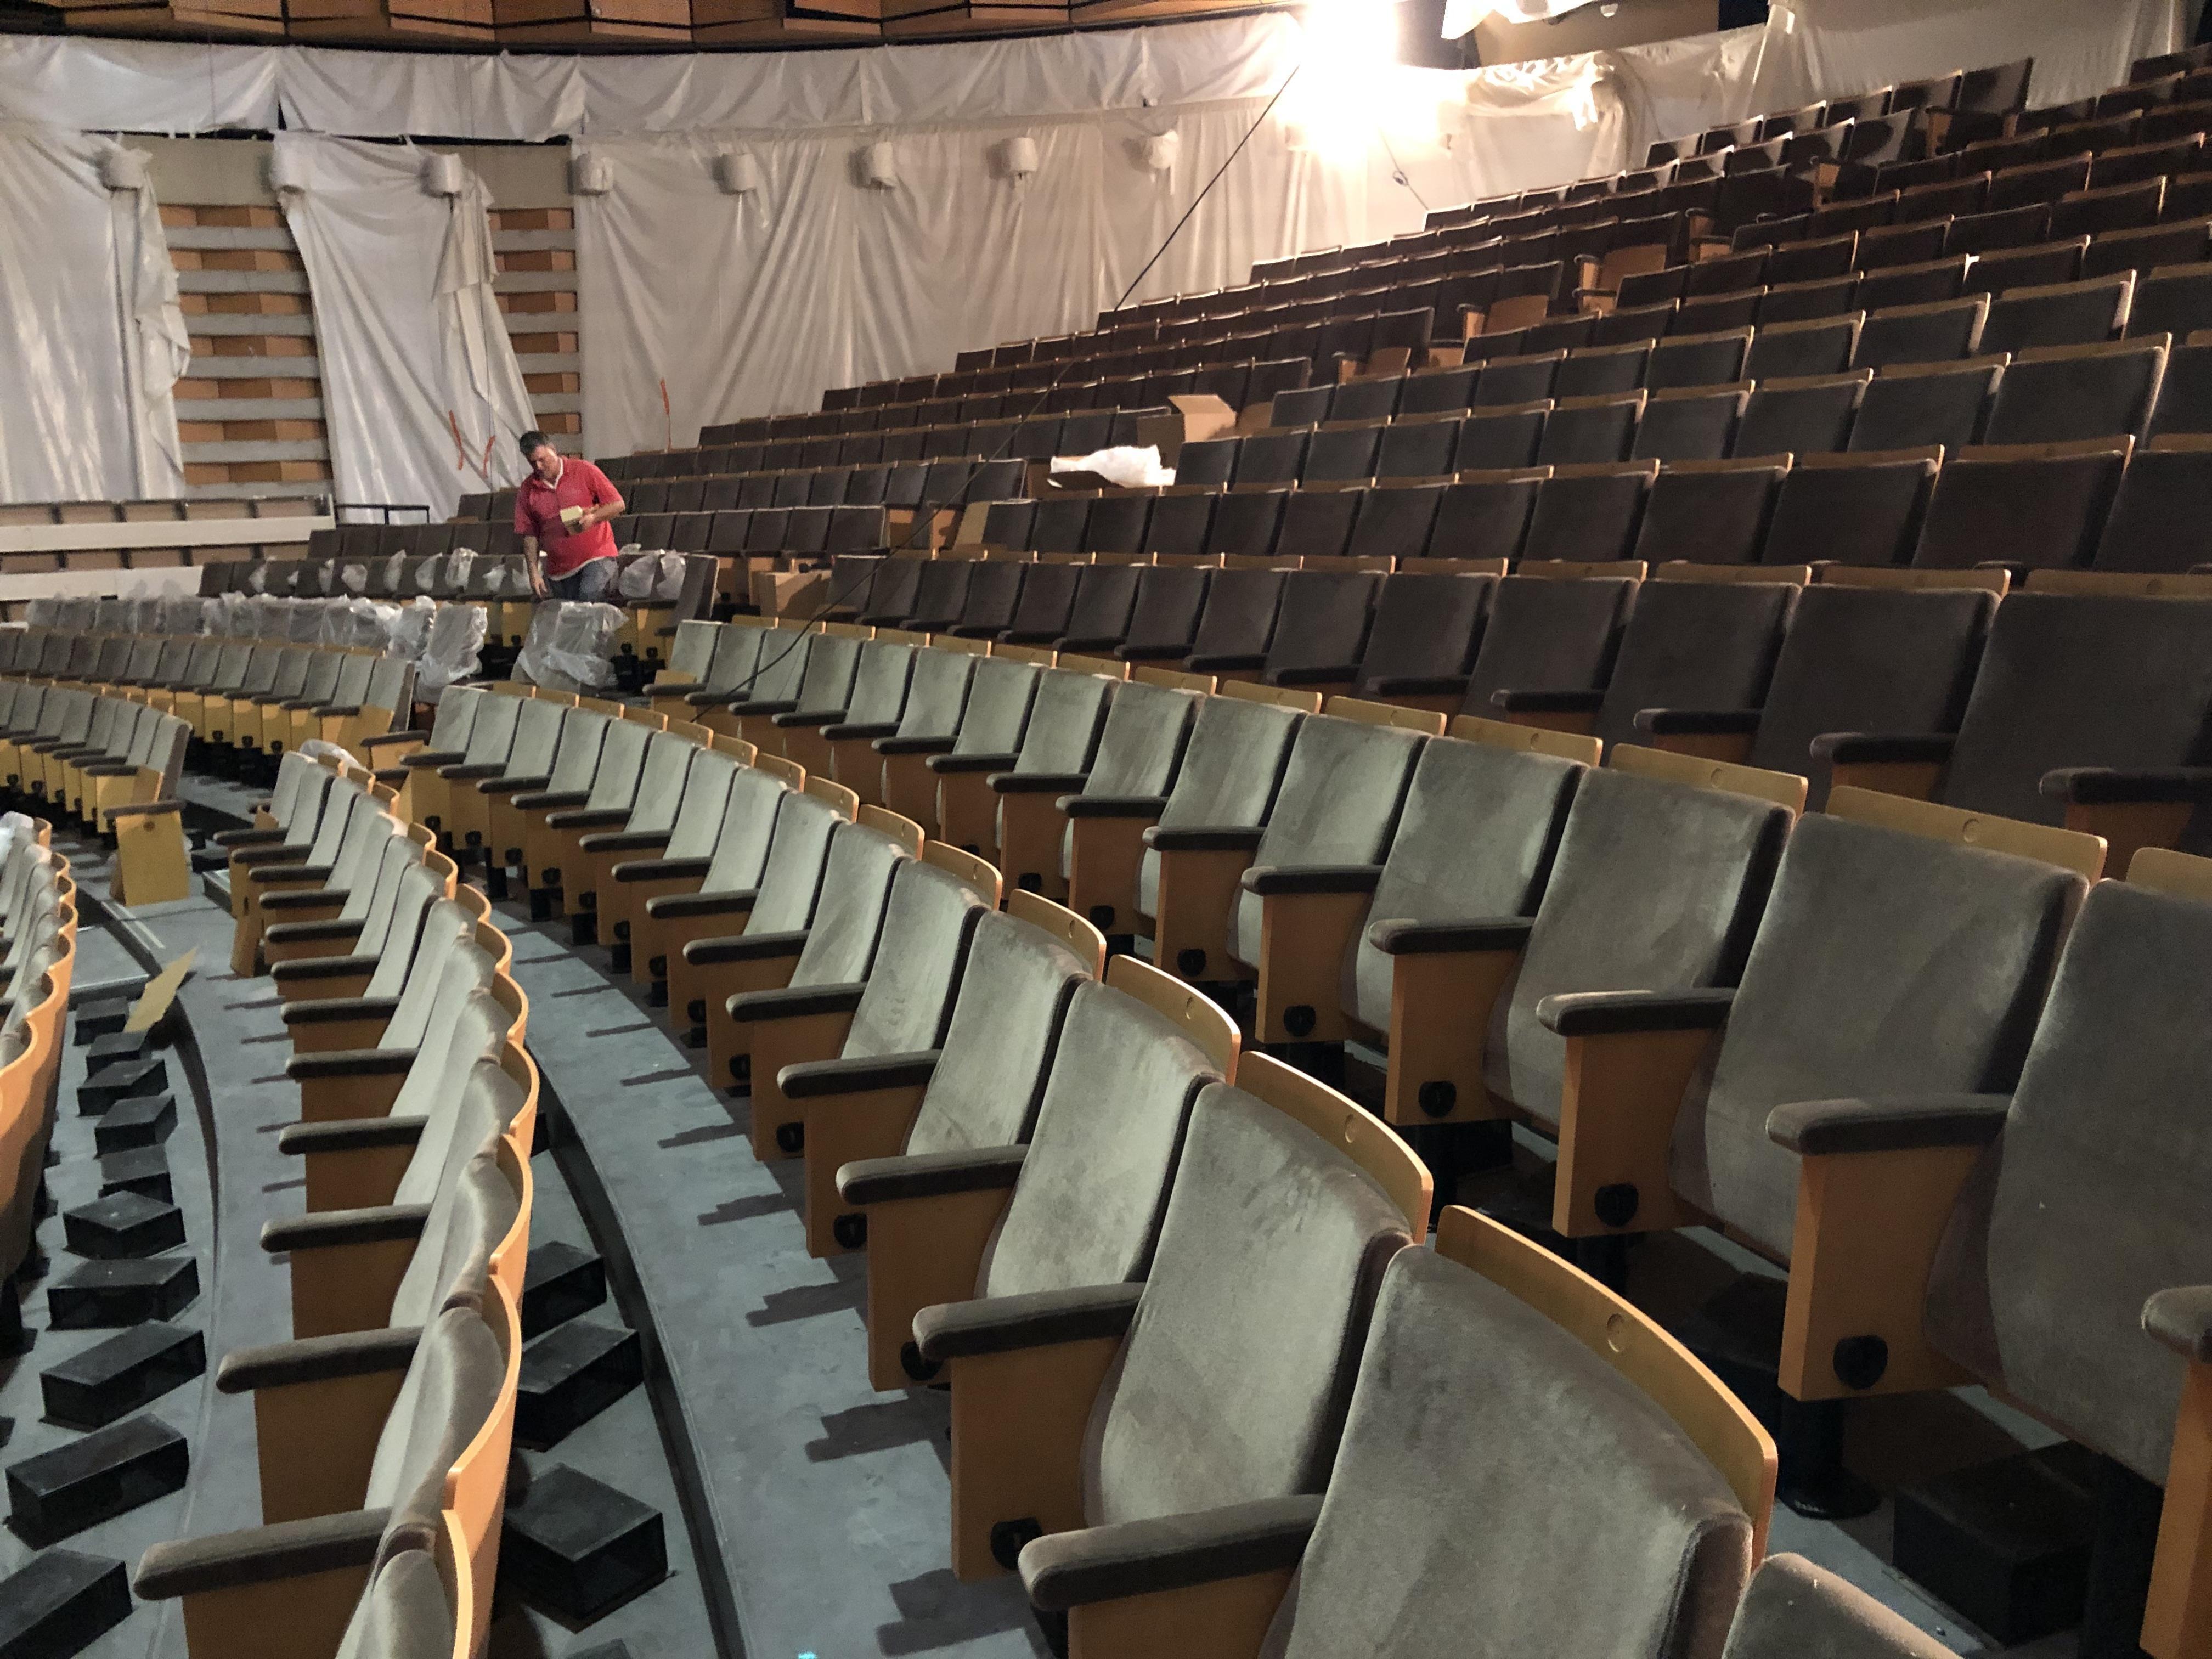 (PHOTOS) Chambéry: le temps presse pour terminer les travaux de rénovation du théâtre Malraux